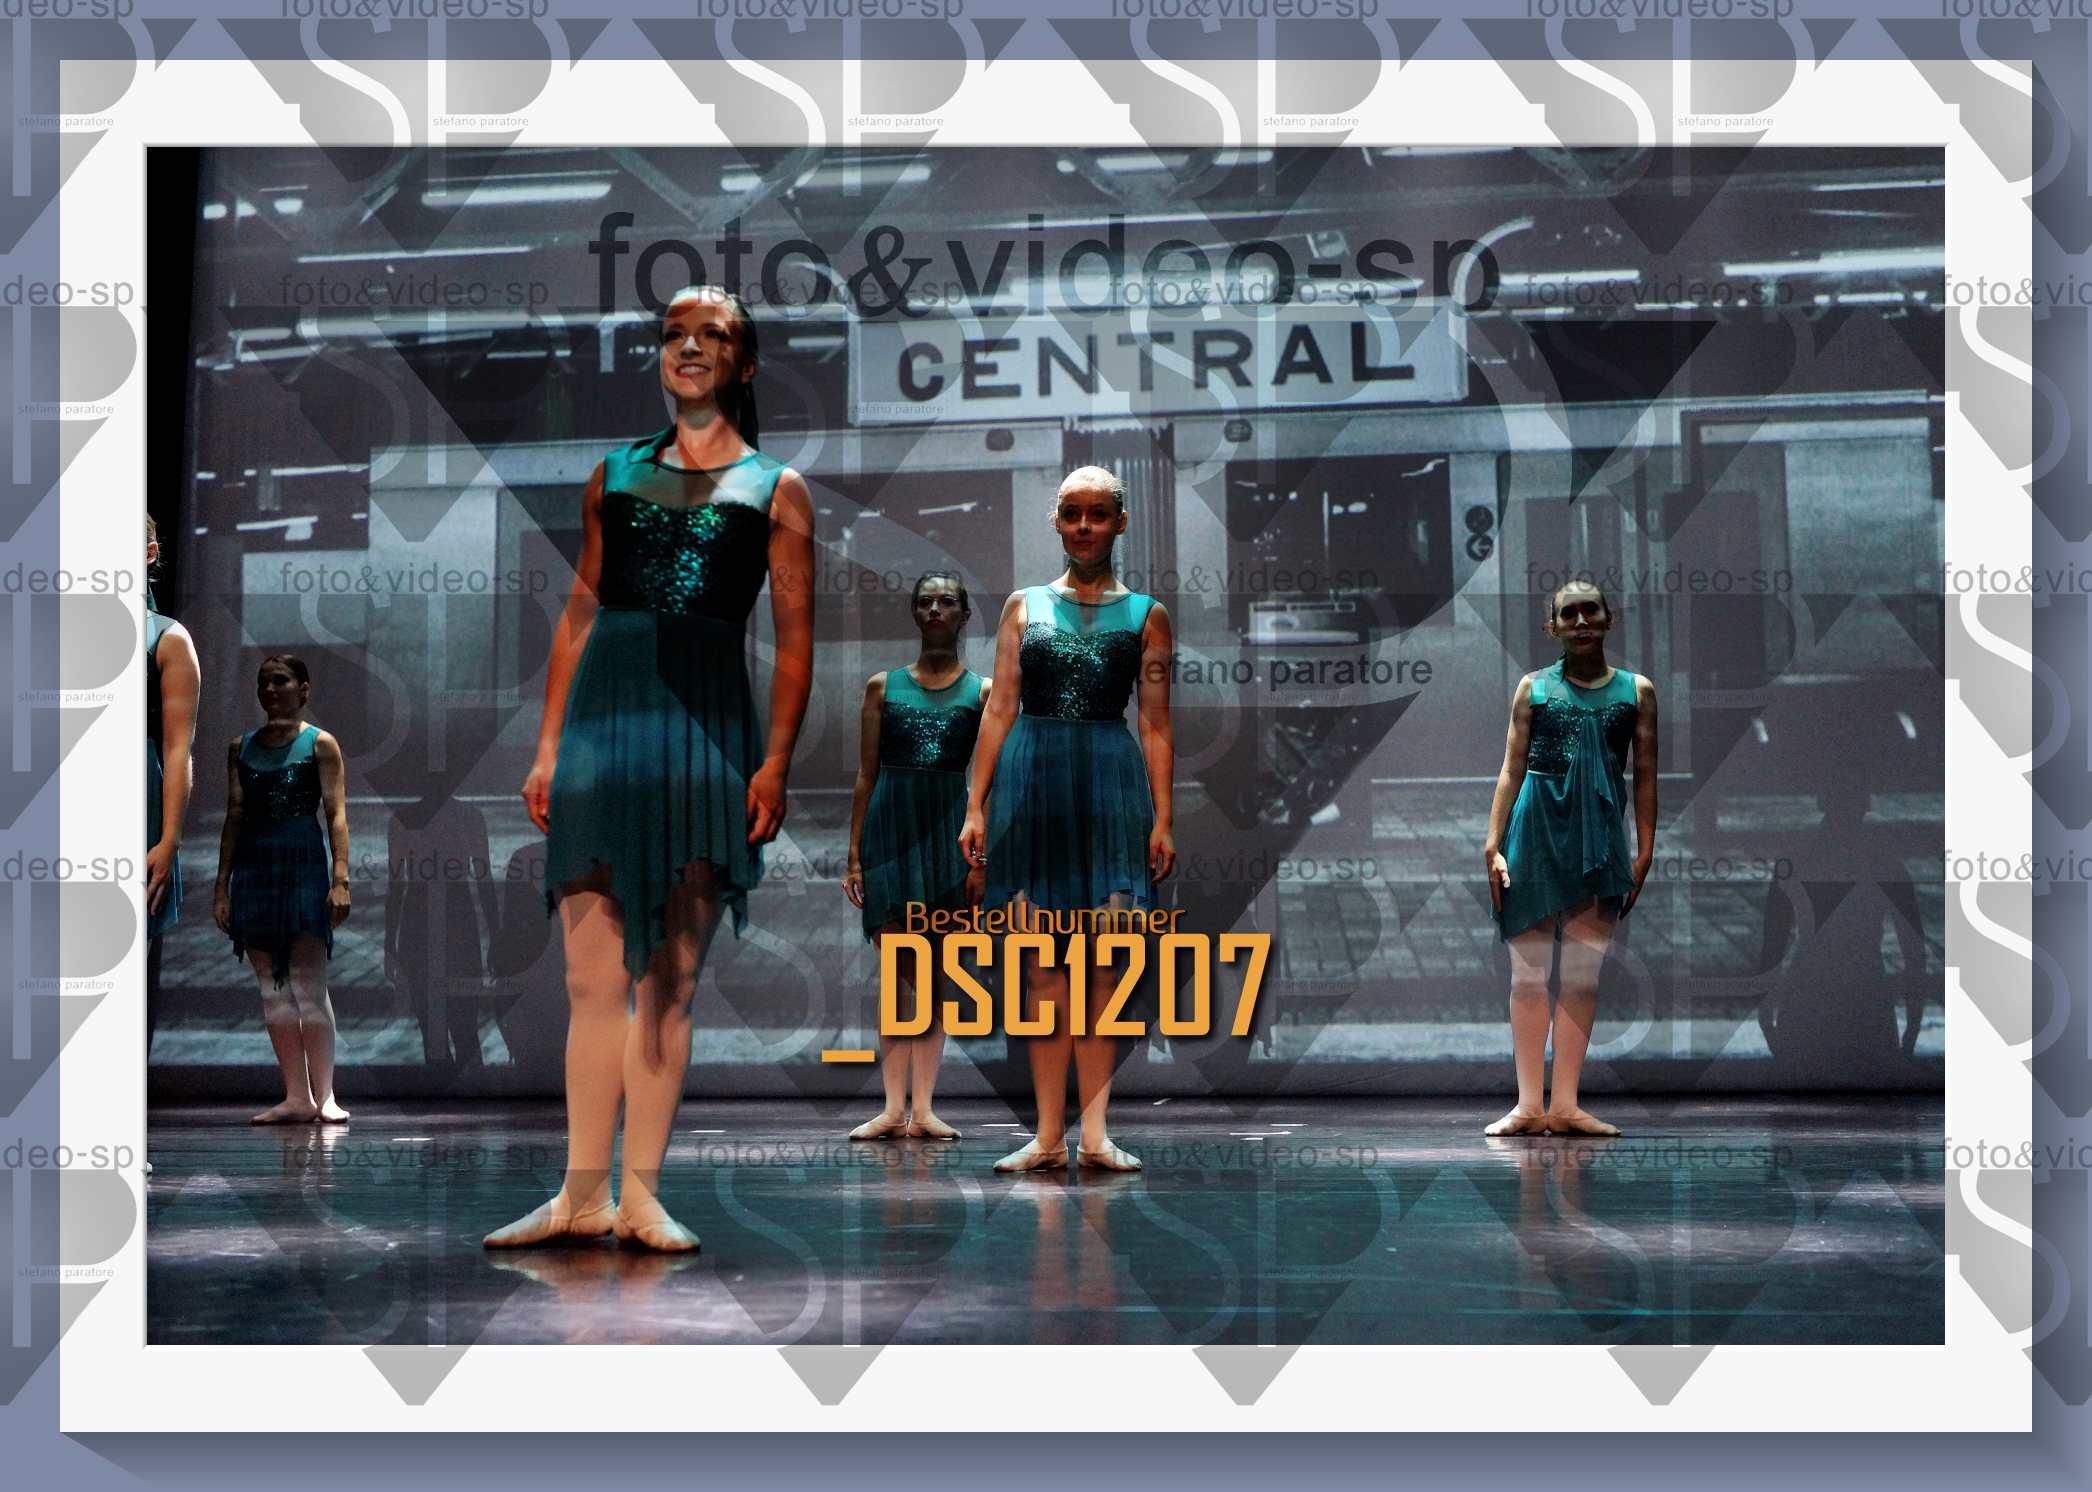 DSC1207